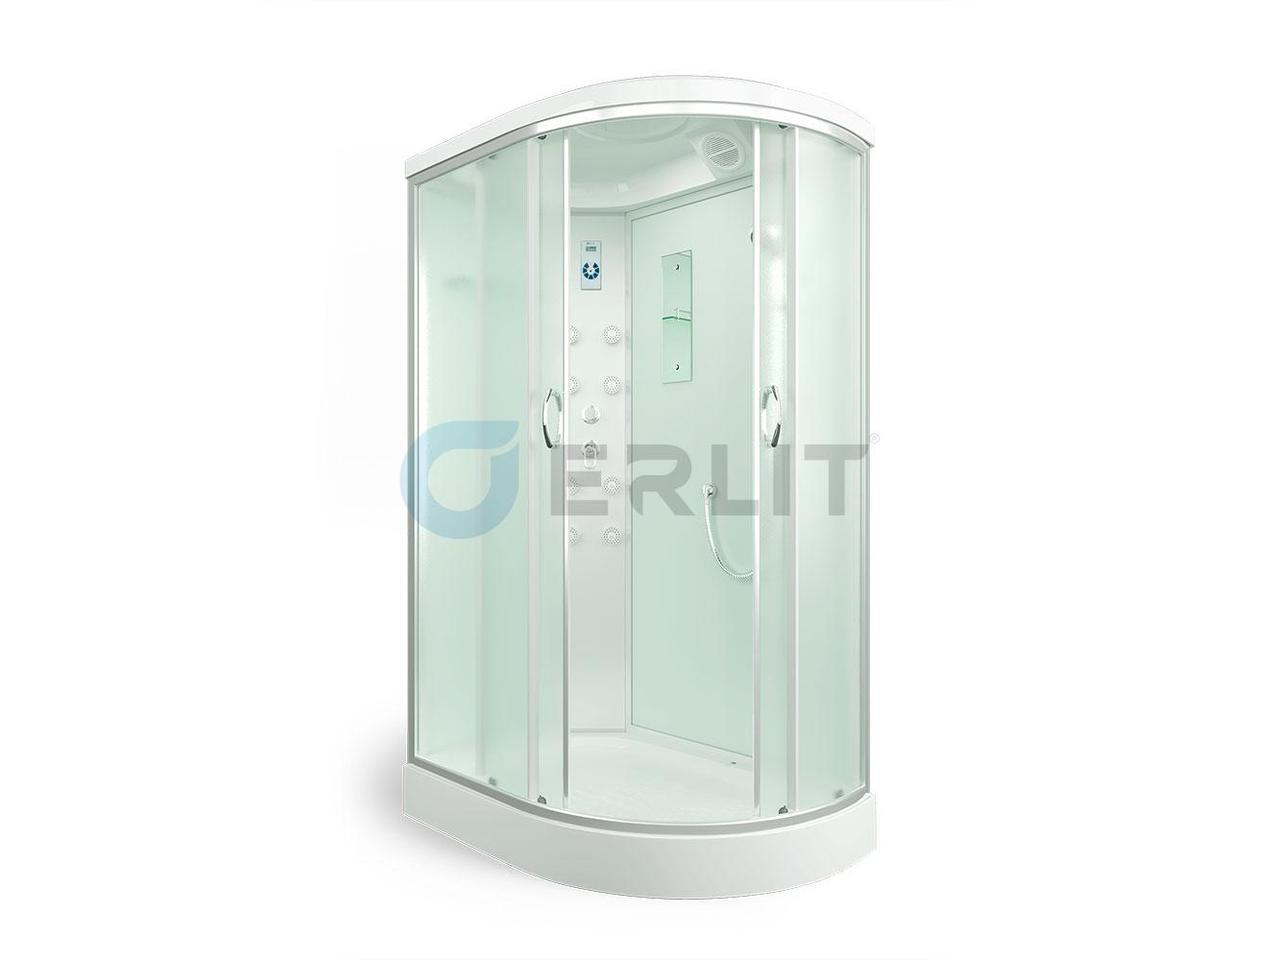 Душевая кабина ER4512PL-C3 1200*800*2150 низкий поддон, светлое стекло, левосторонняя